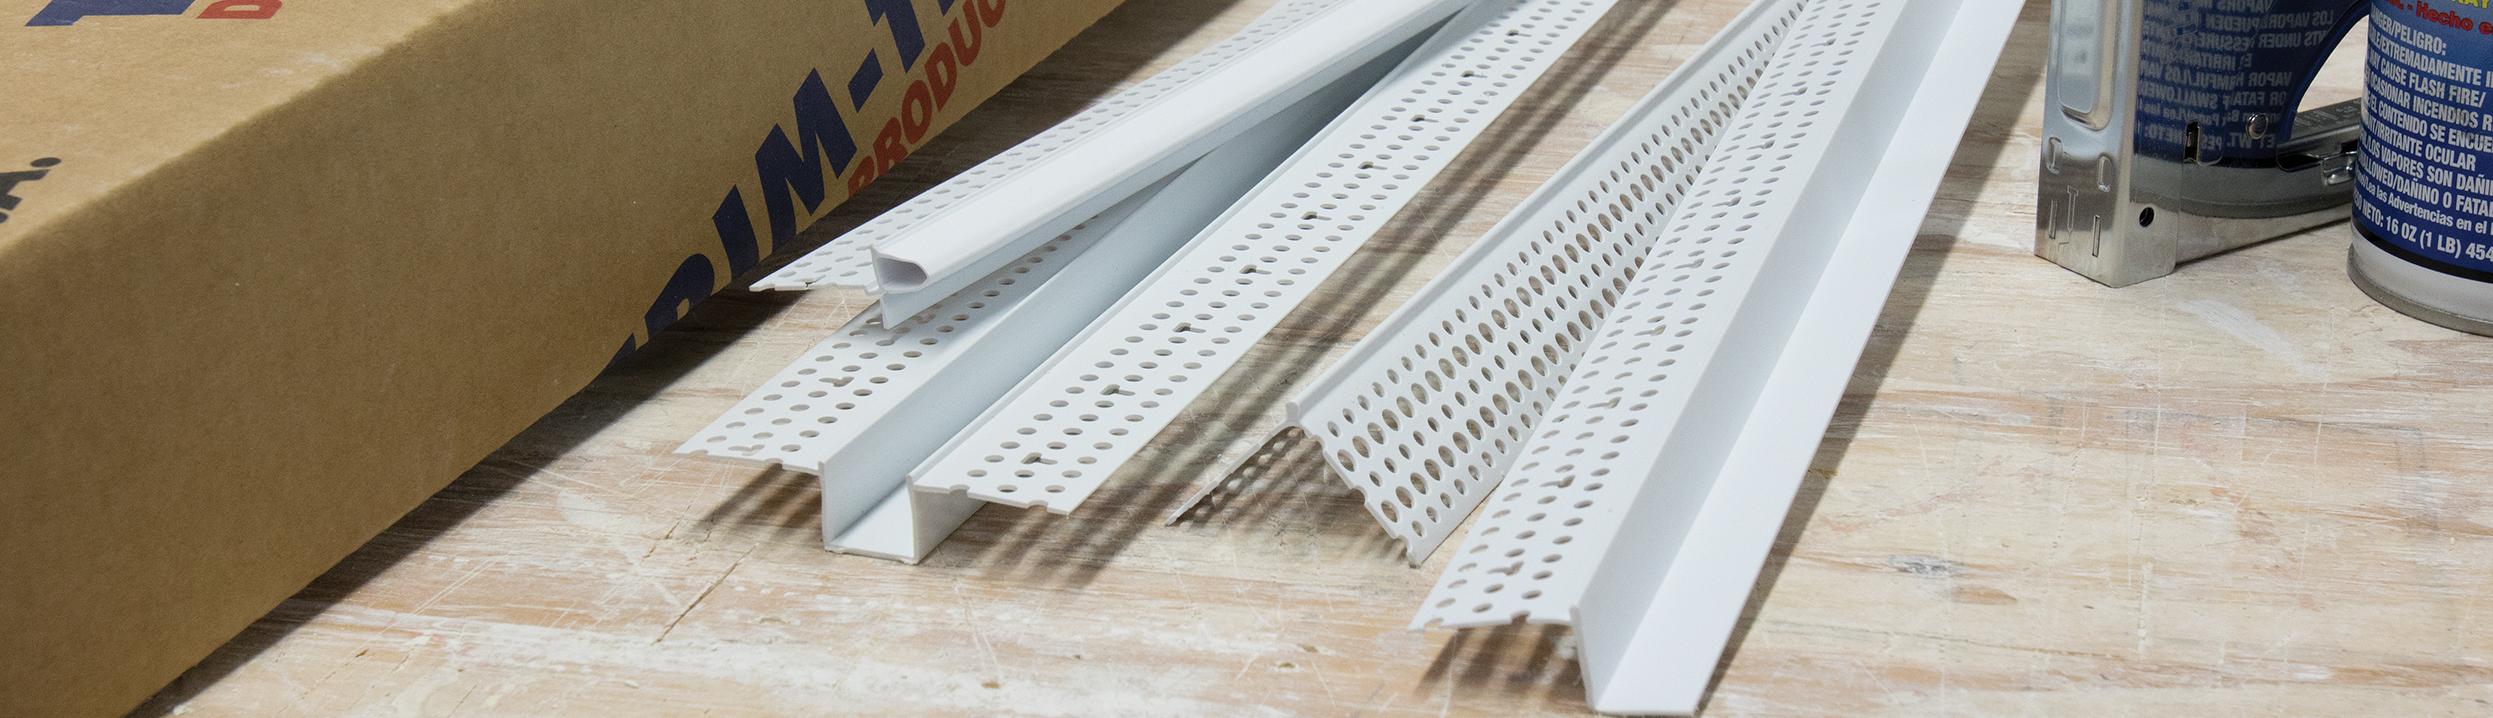 Trim-Tex | Wallboard Trim & Tool